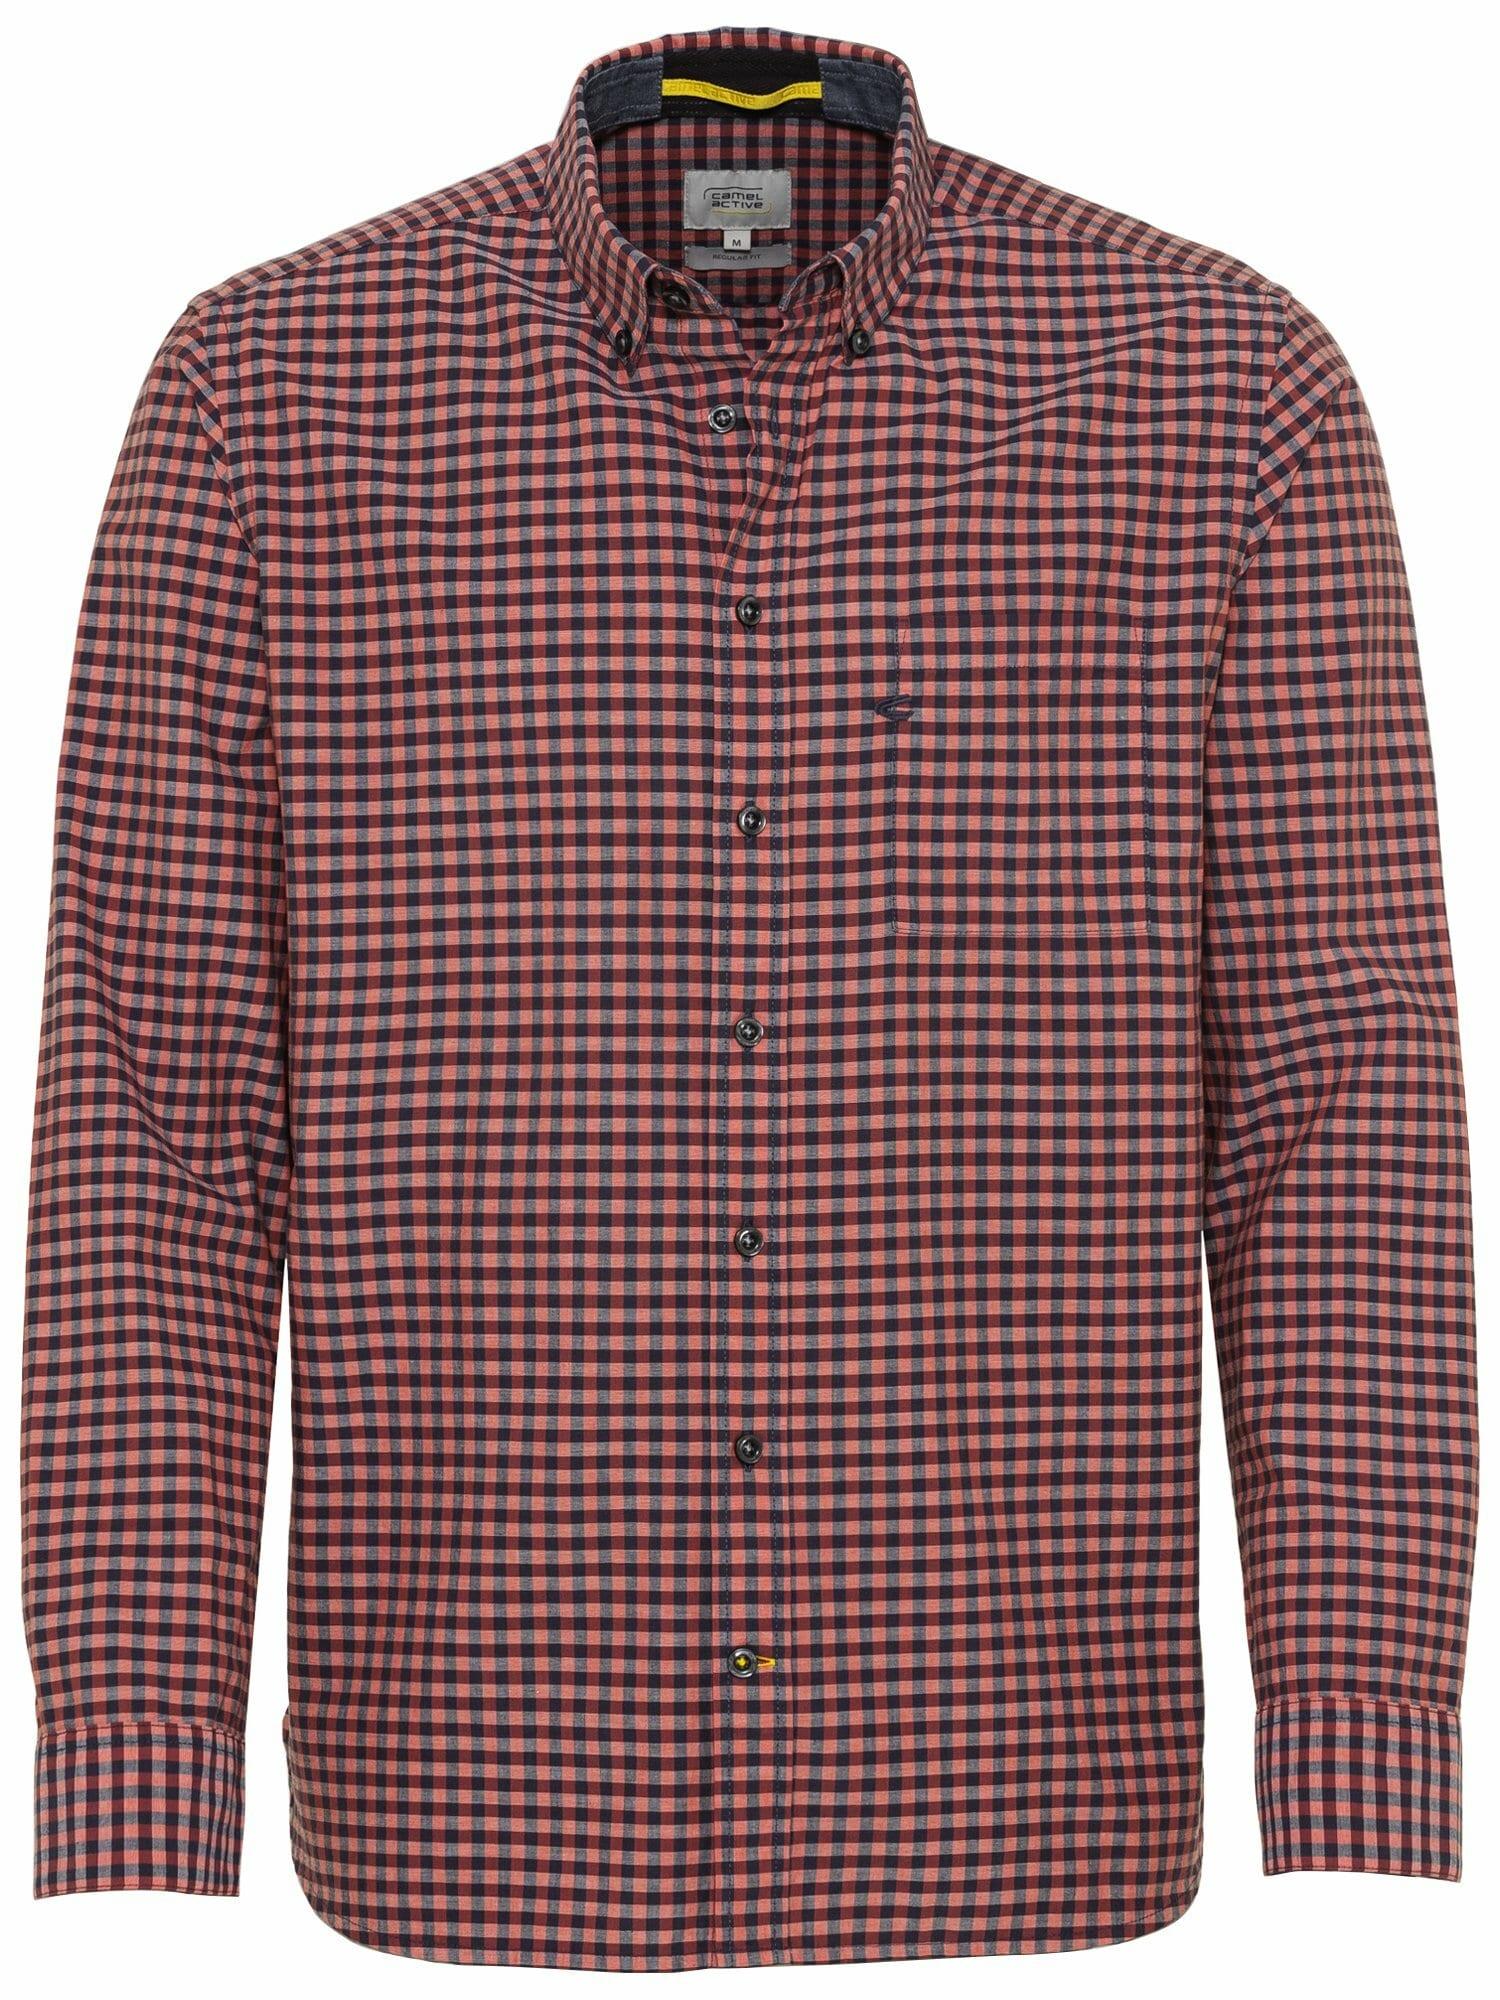 CAMEL ACTIVE Marškiniai lašišų spalva / tamsiai mėlyna